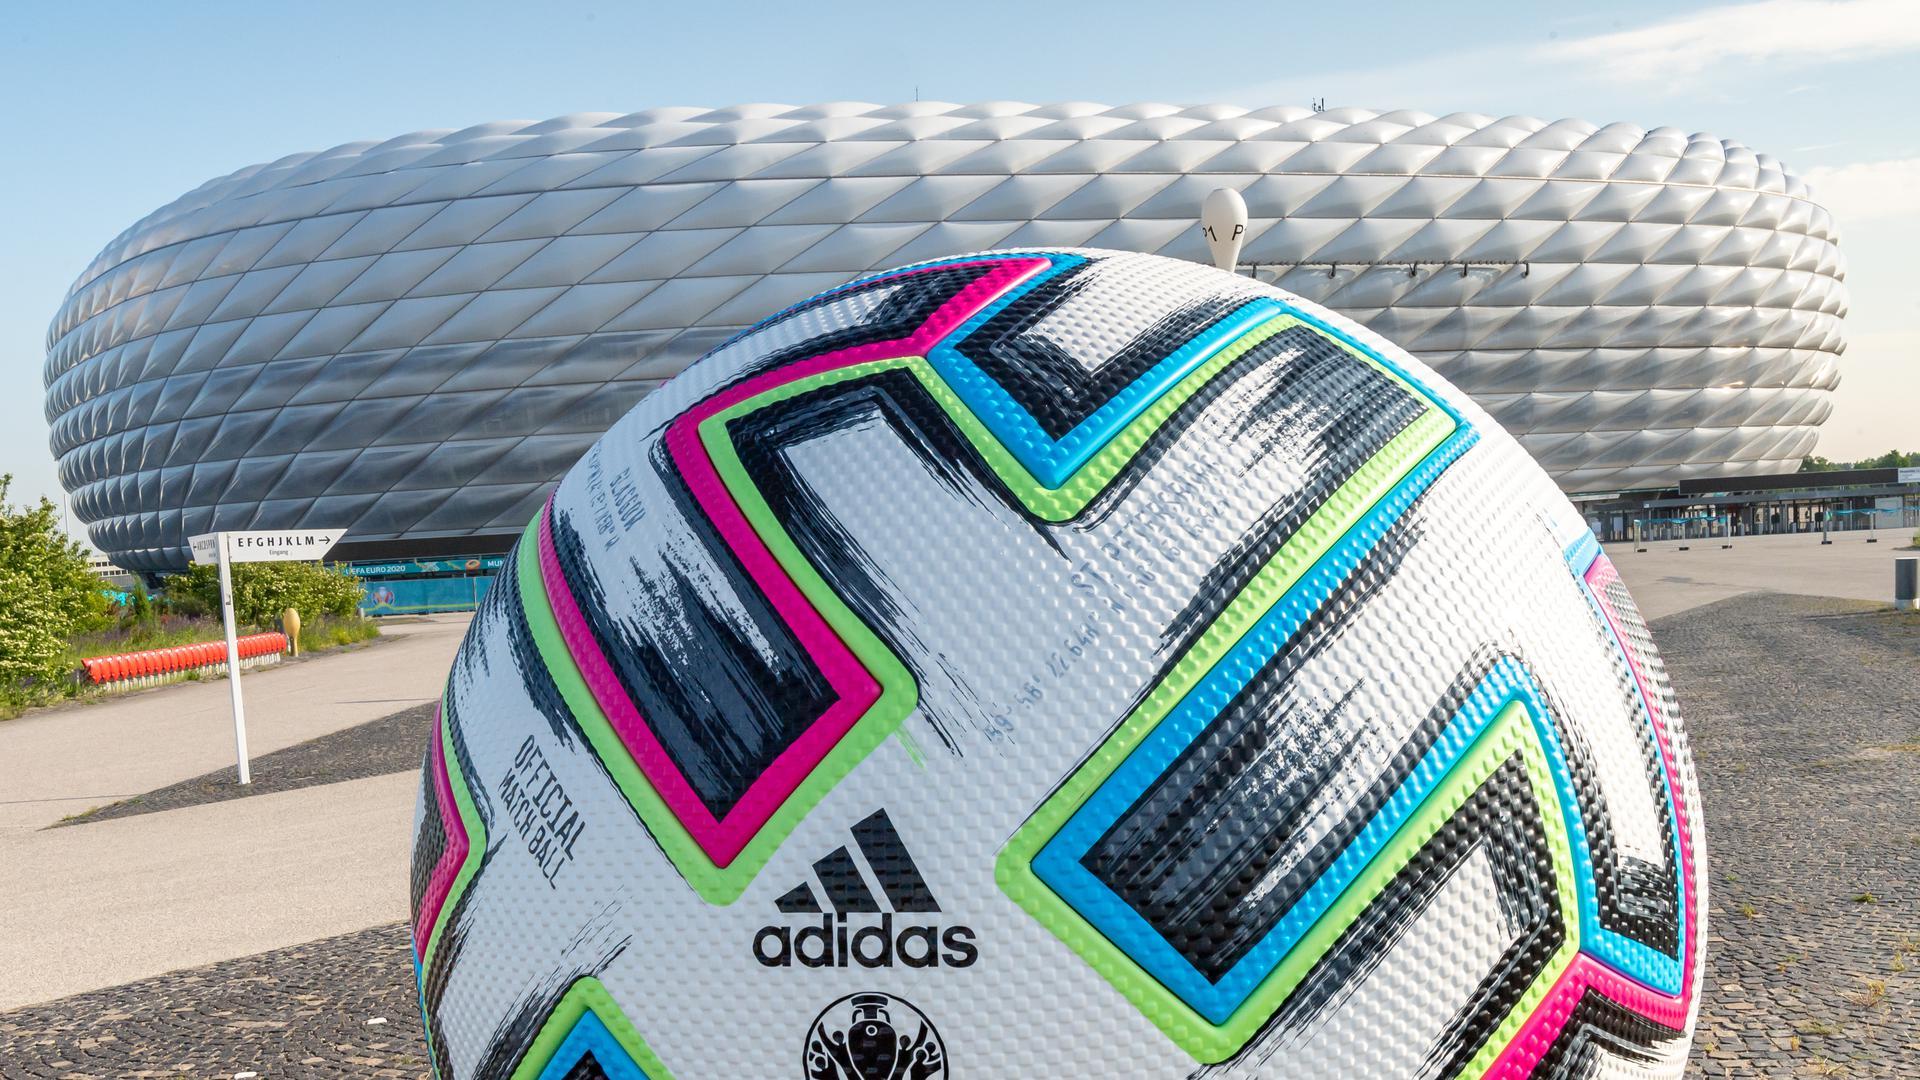 Ein überdimensionaler Fußball steht vor der Allianz Arena. Am 15.06.2021 findet in diesem Stadion die Begegnung der Gruppe F, Frankreich gegen Deutschland, statt. Insgesamt 24 Nationen treten bei der Fußball-Europameisterschaft 2021 an. +++ dpa-Bildfunk +++